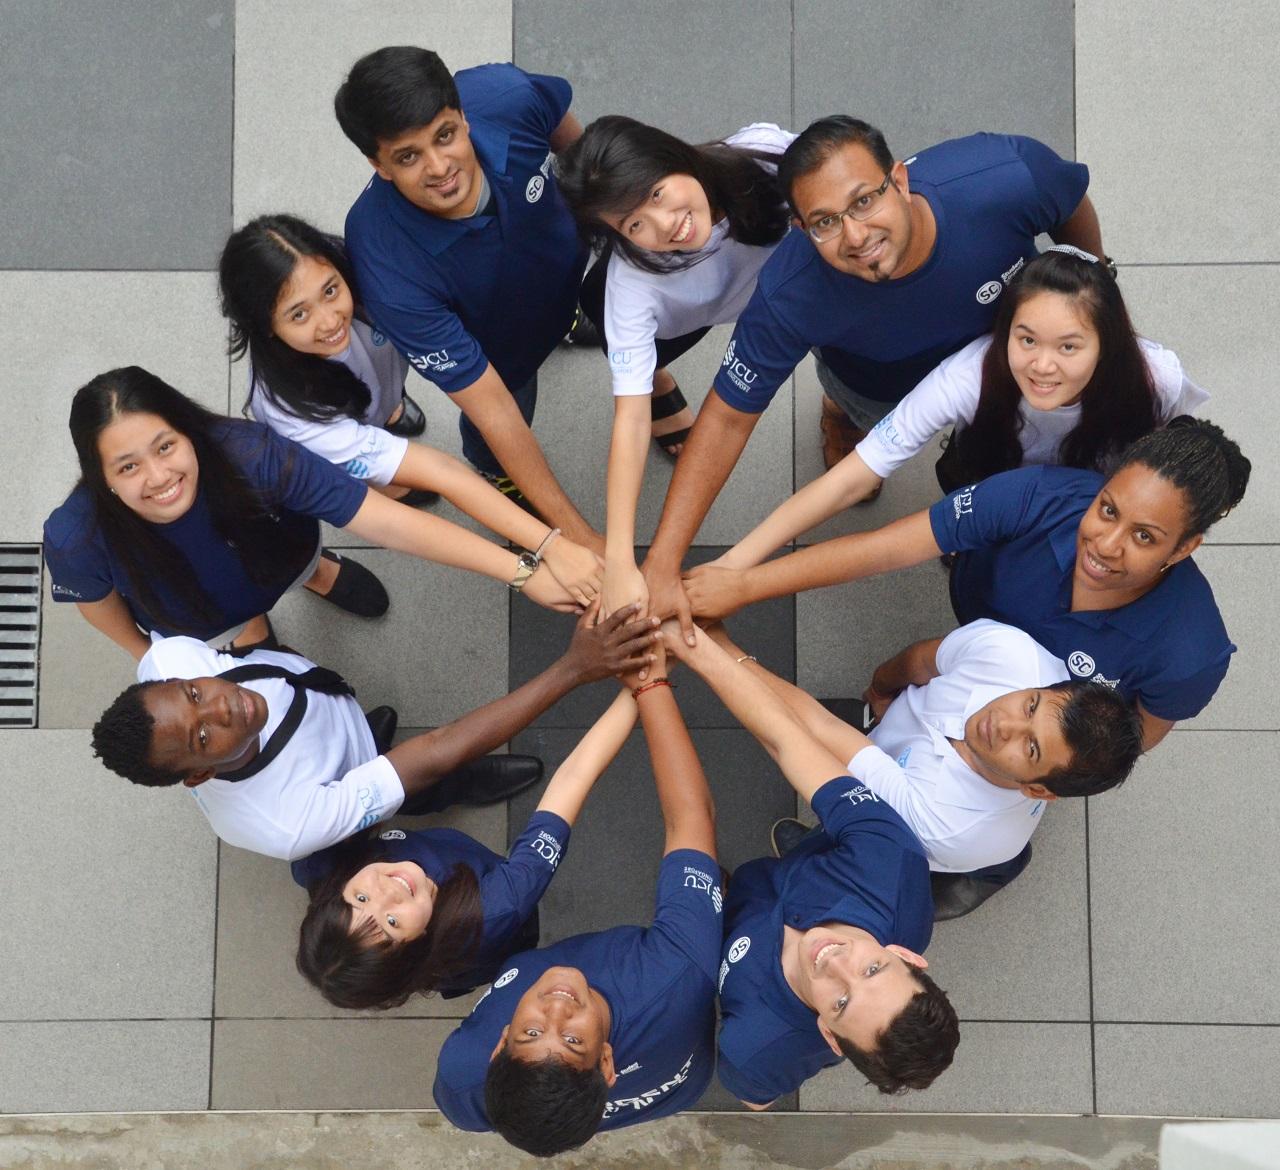 Sinh viên JCU Singapore được đánh giá cao bởi nhà tuyển dụng